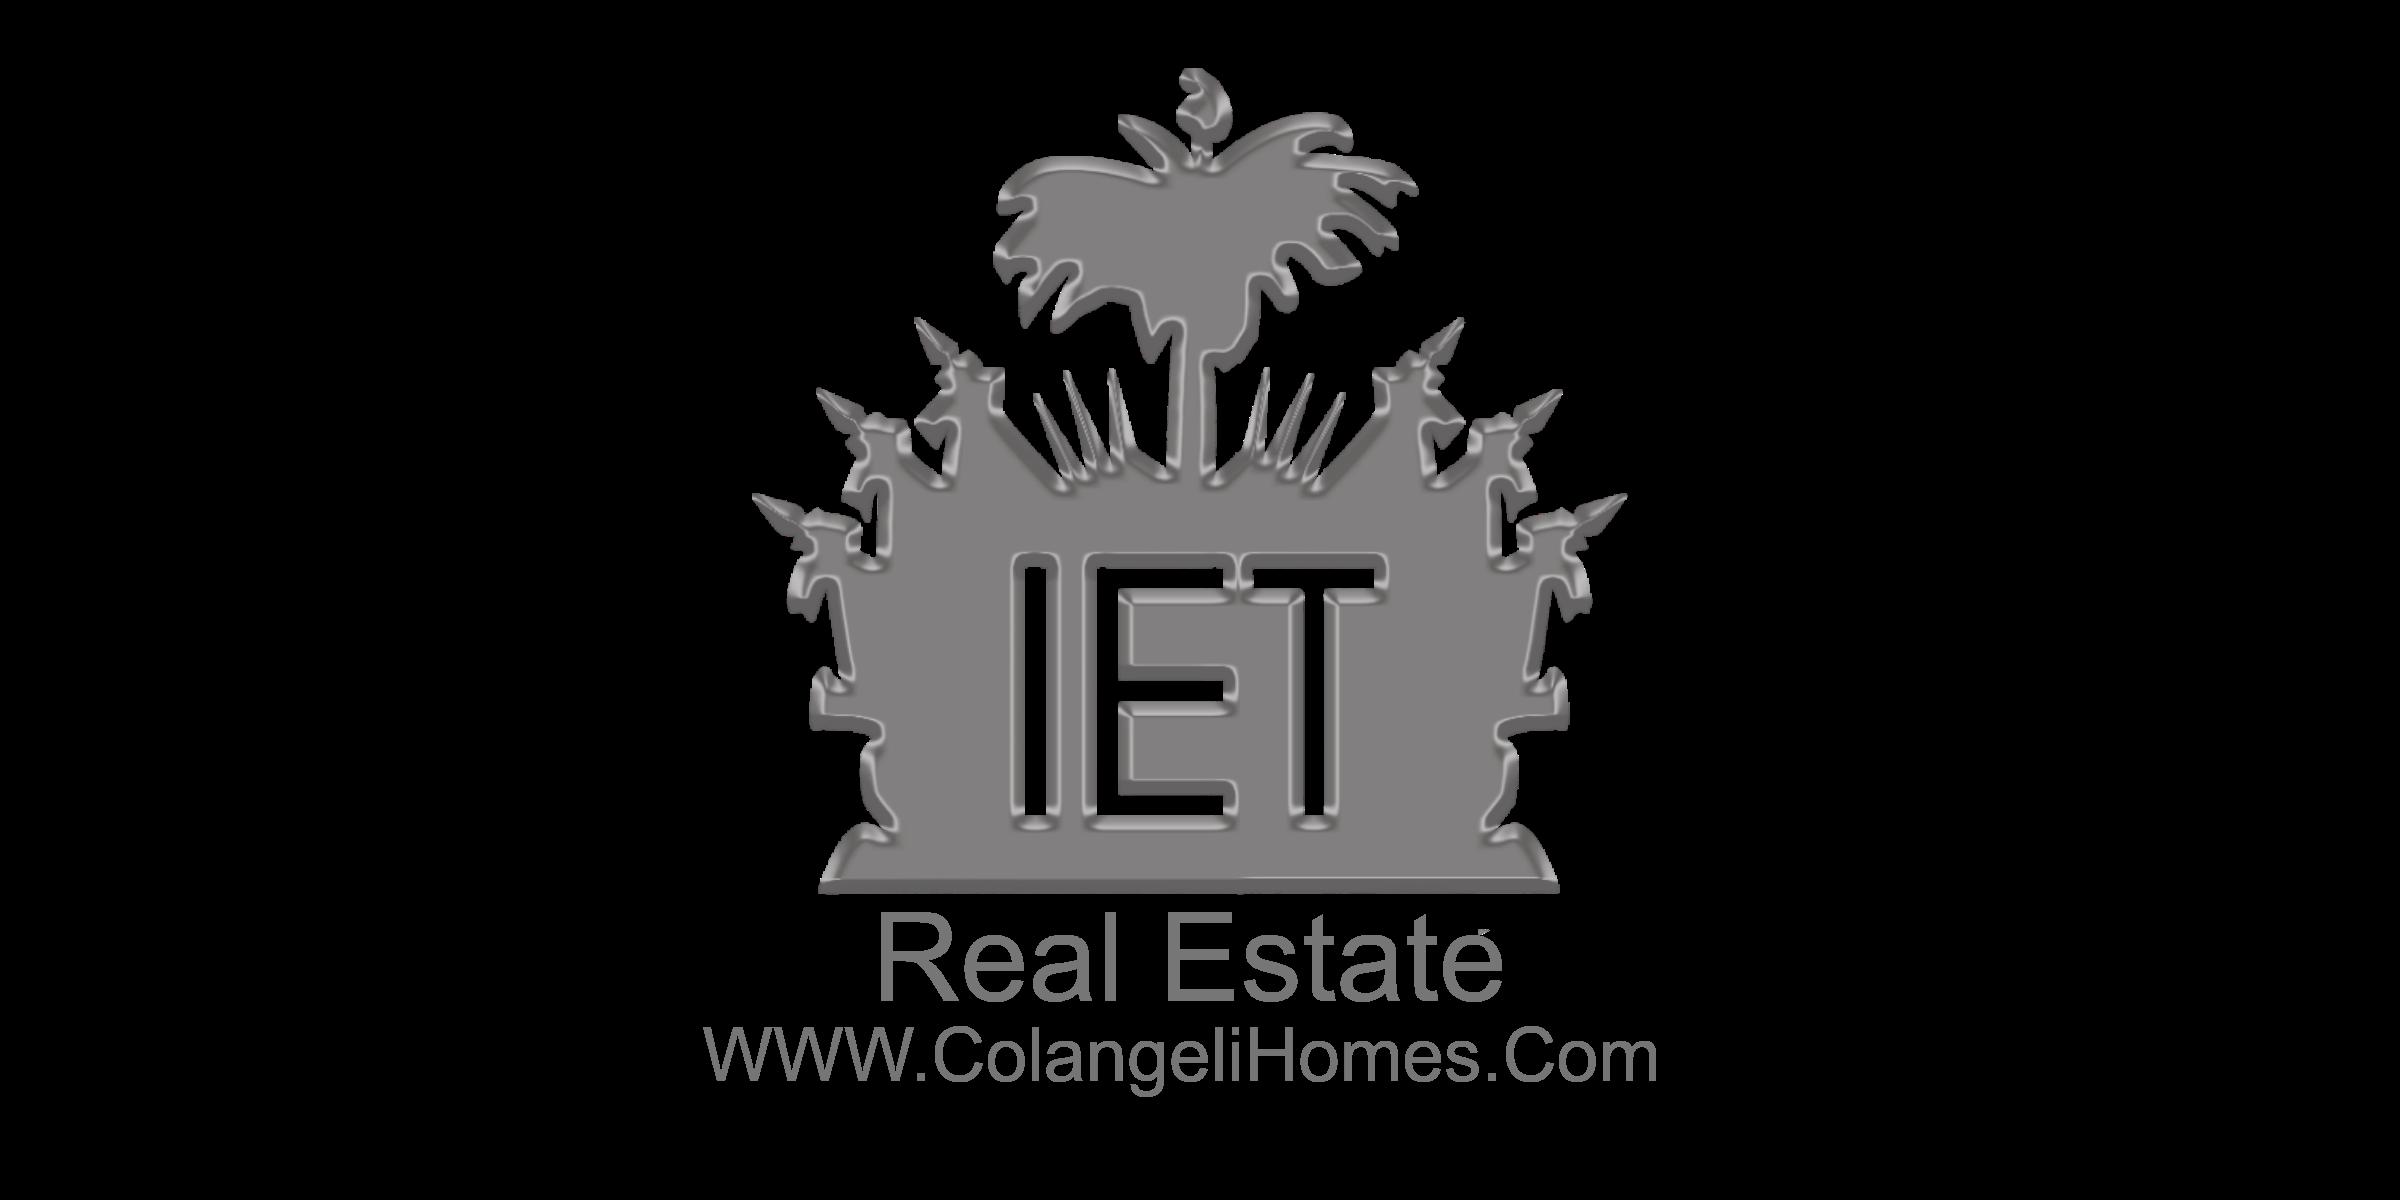 Robert ColangeliIET Real Estate